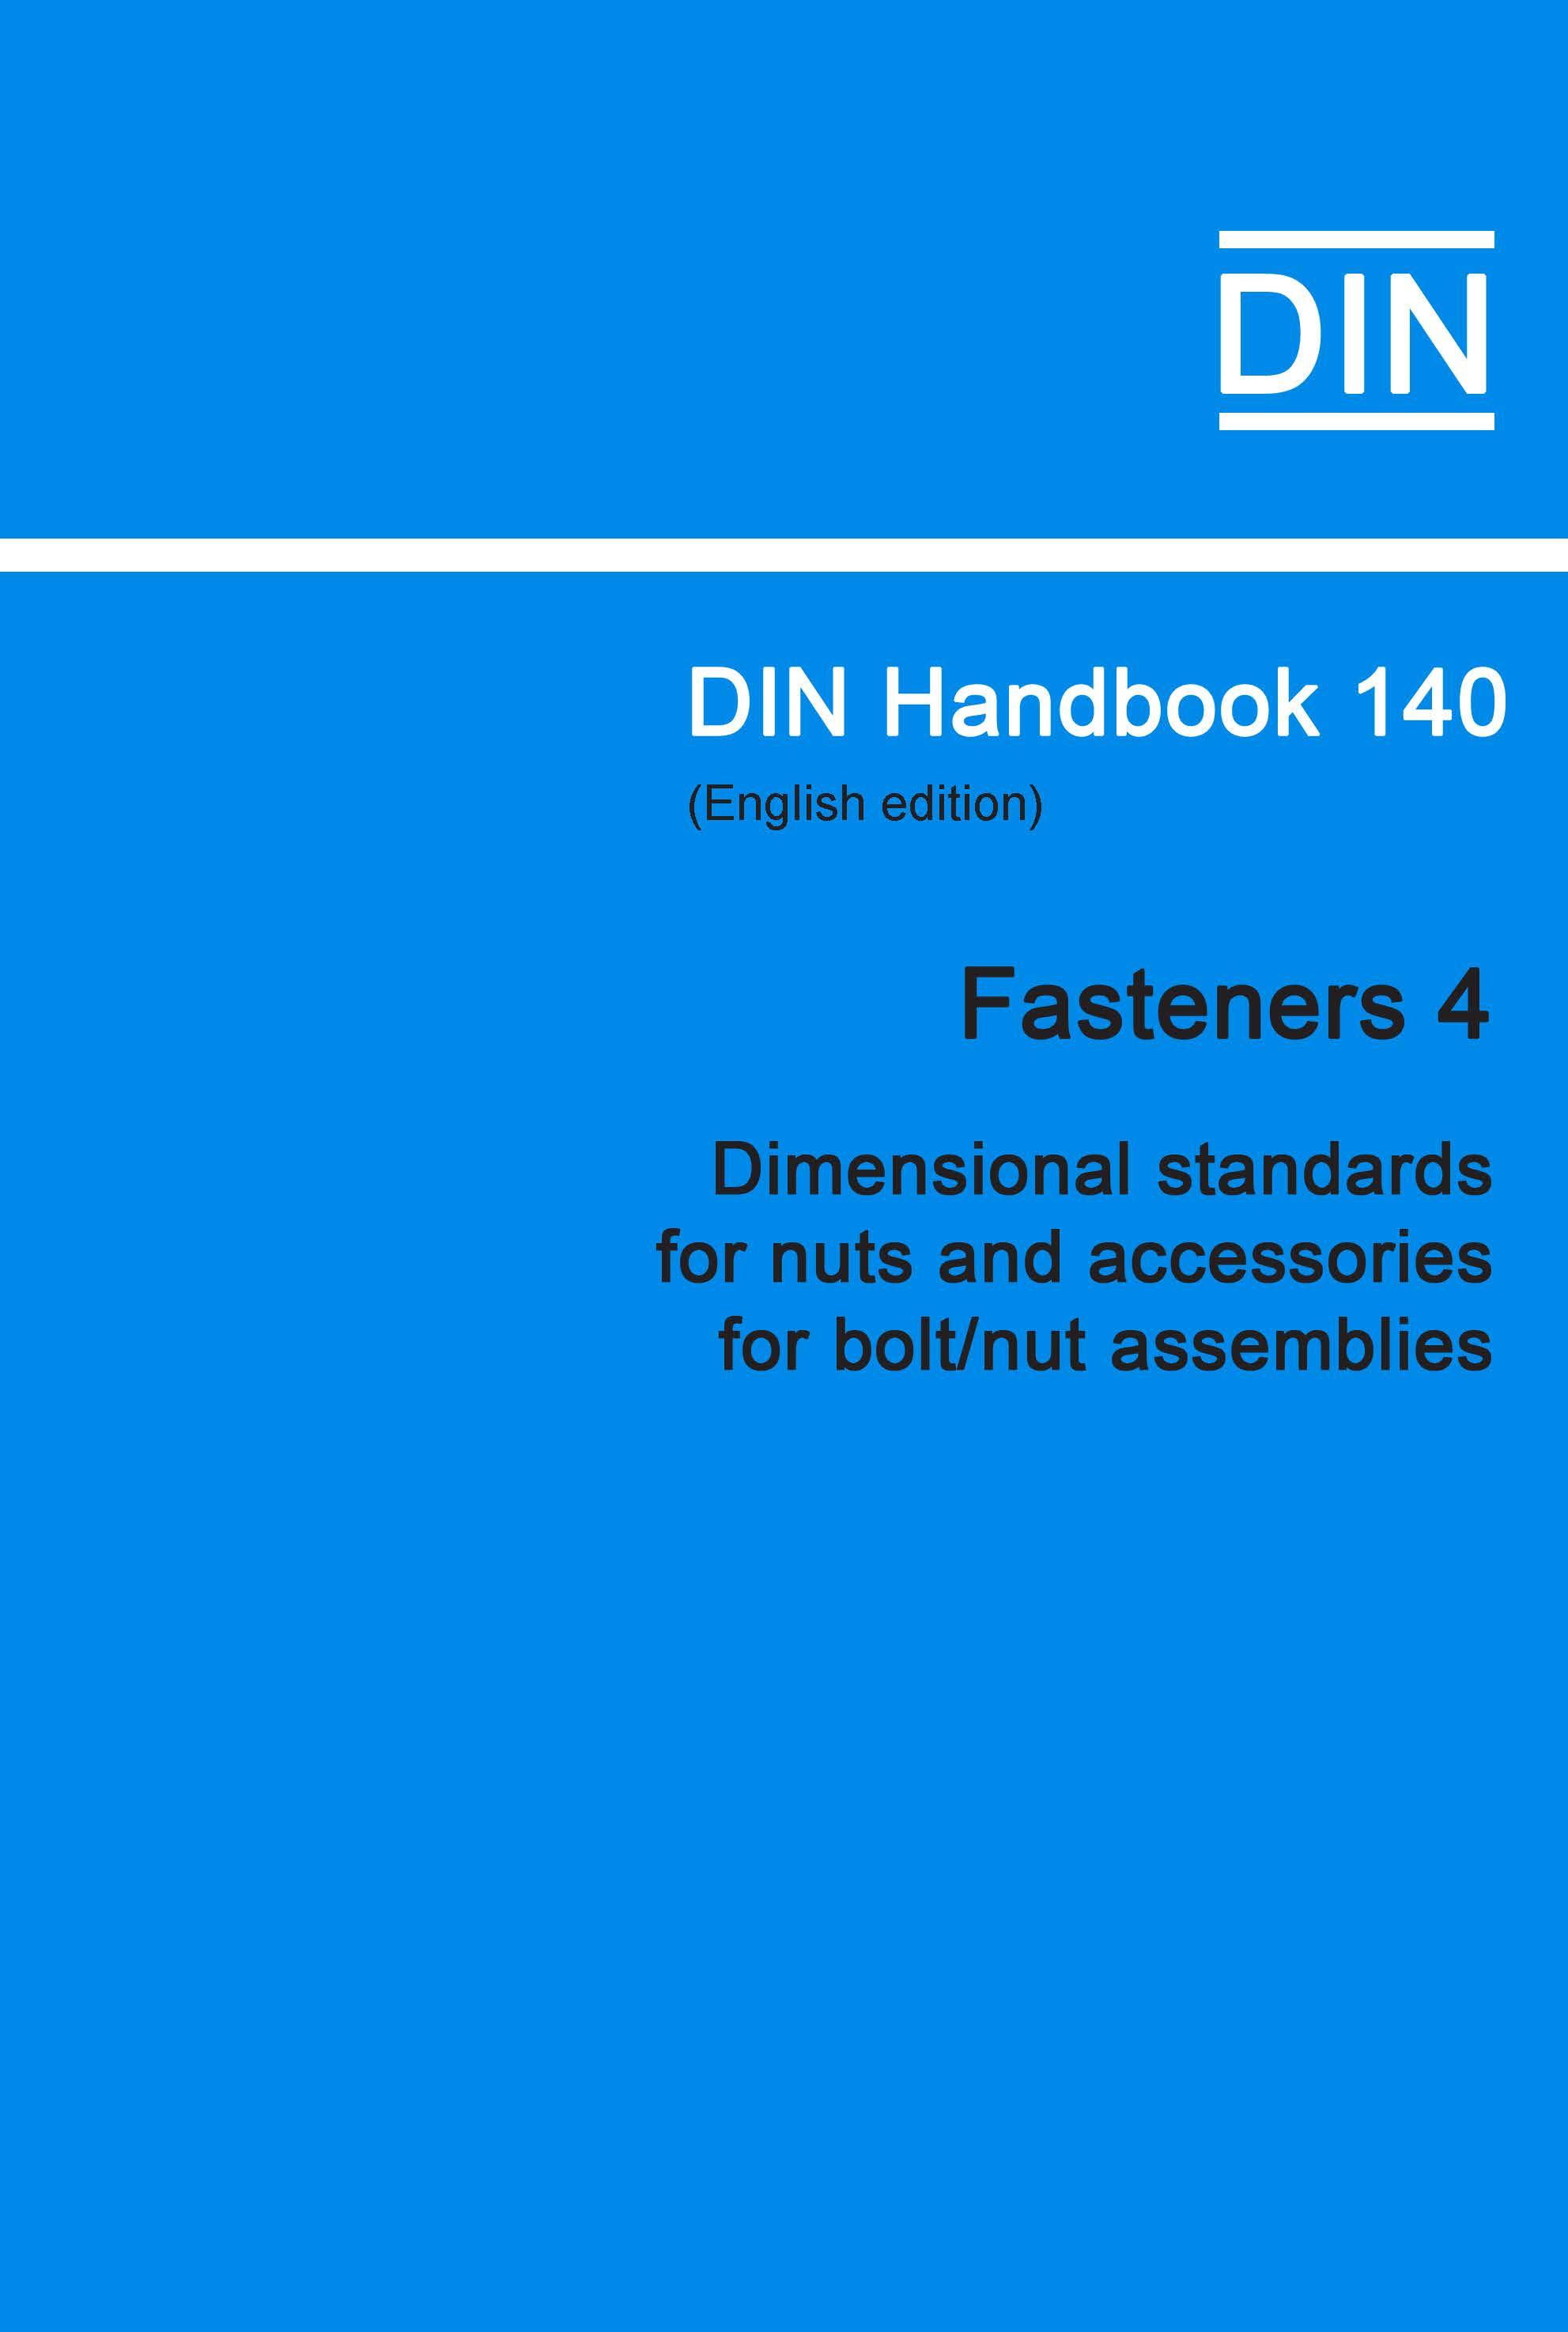 (DIN Handbook  140 Fasteners 4 (Dimensional Standa...